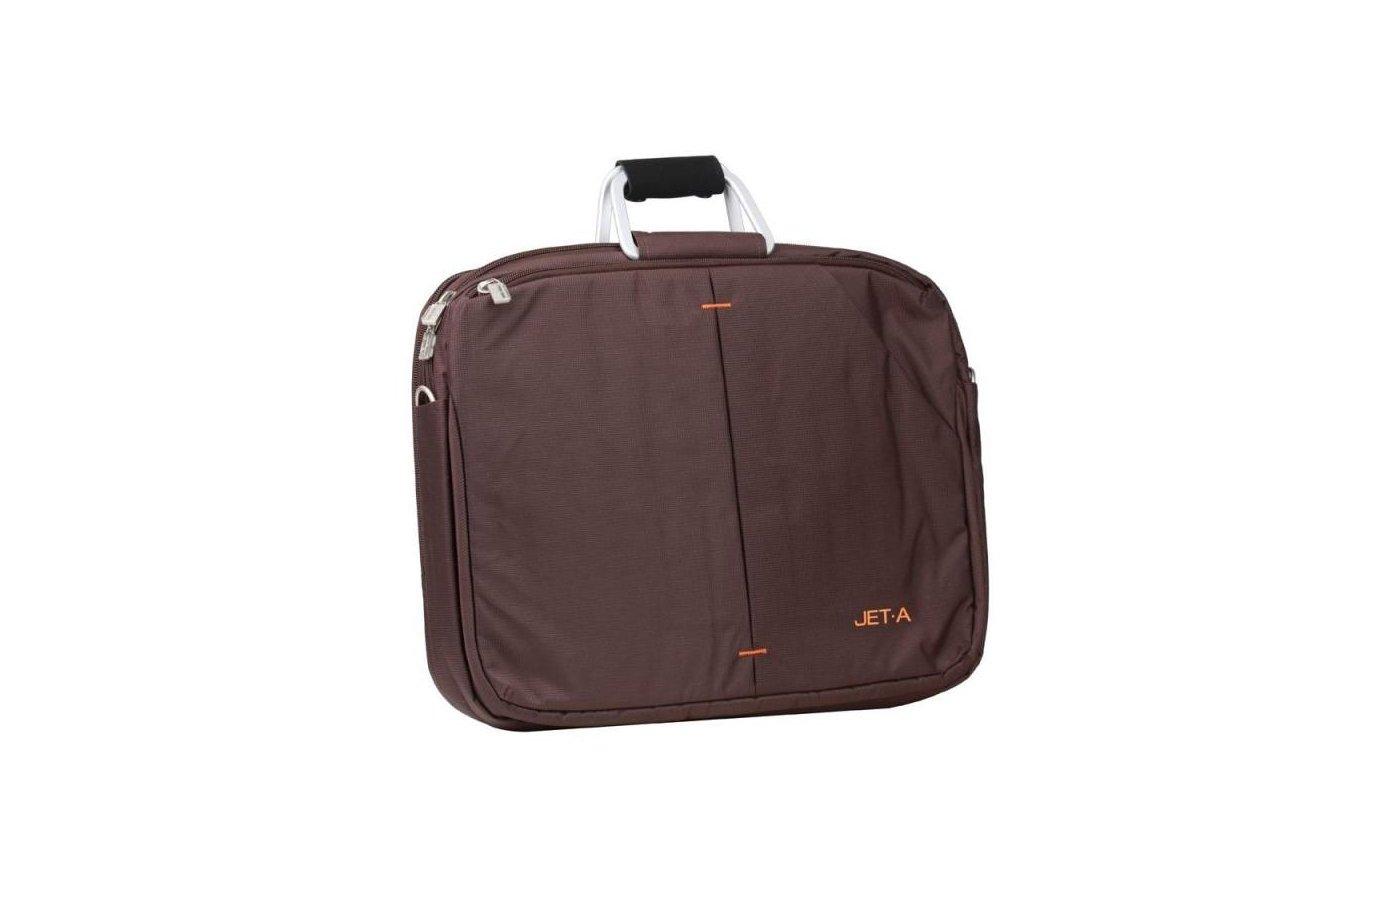 Кейс для ноутбука Jet.A LB15-28 до 15,6 (Коричневый, качественный нейлон/полиэстер, современный дизайн, SIZE 355x90x28